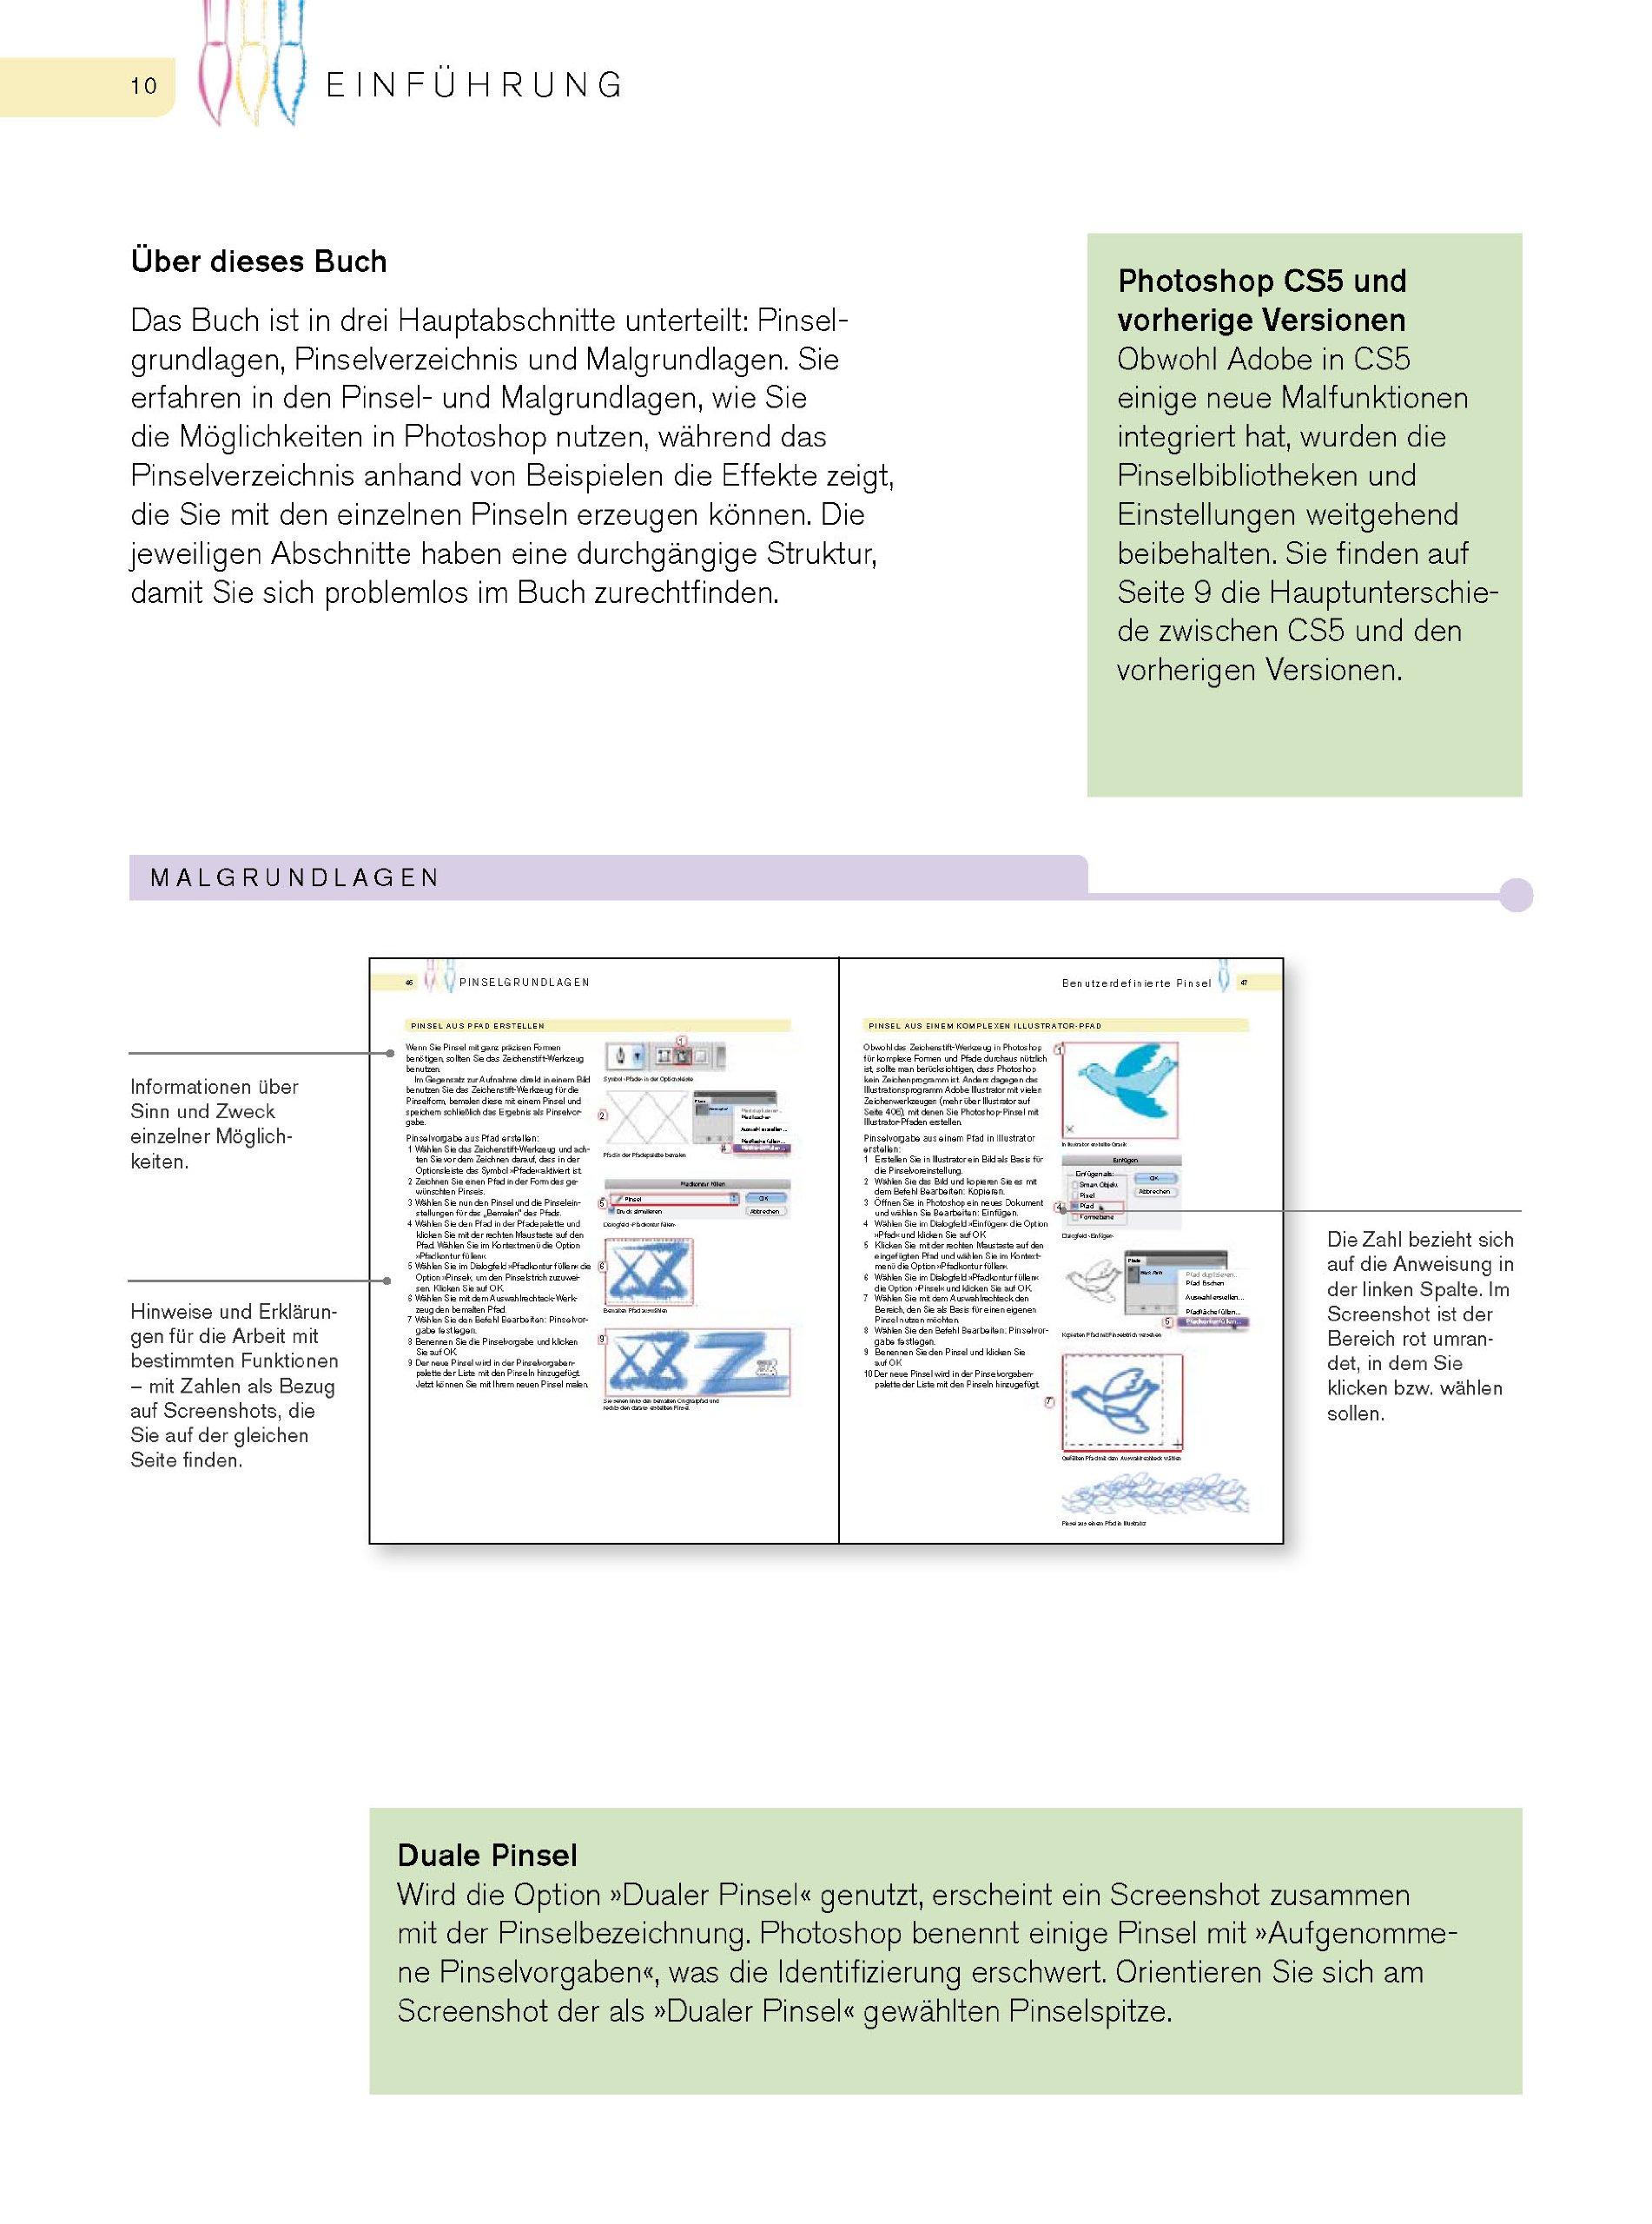 Schön Fortsetzen Beispiele Mit Referenzen Seite Fotos - Beispiel ...